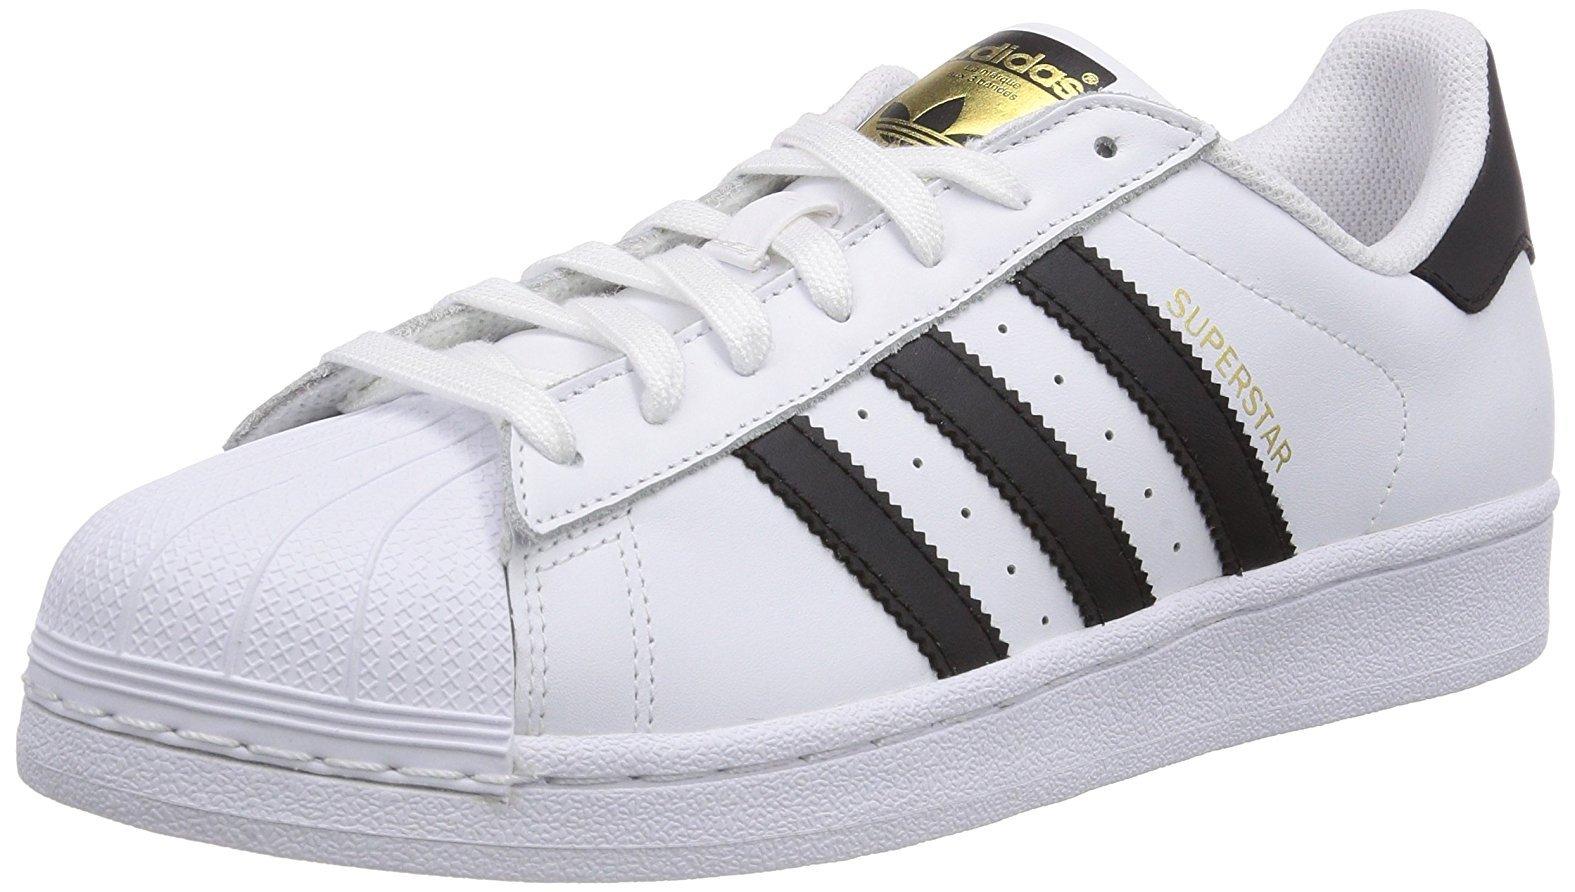 nero ADIDAS scarpe bianco unisex pelle C77124 44 SUPERSTAR ORIGINALS qIwvIp